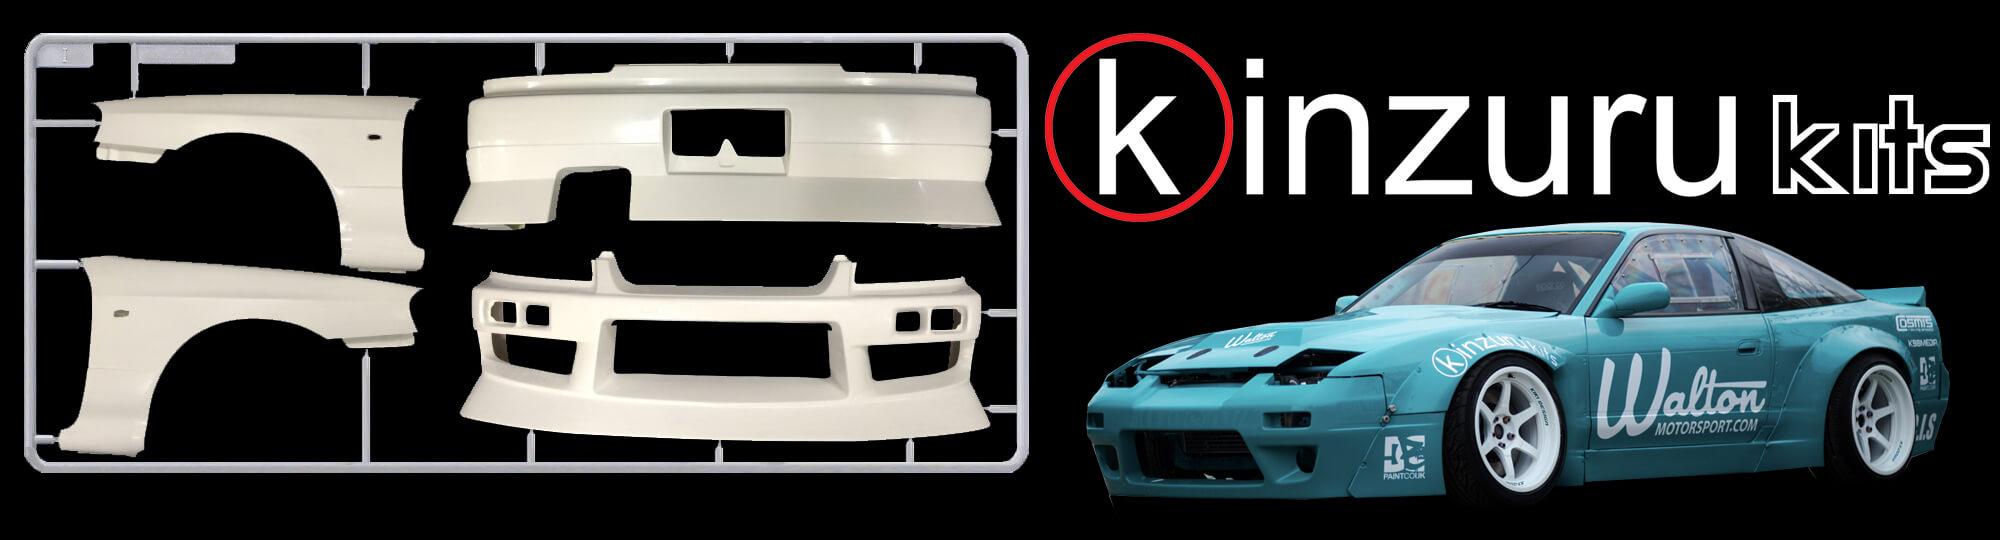 Kinzuru Kits